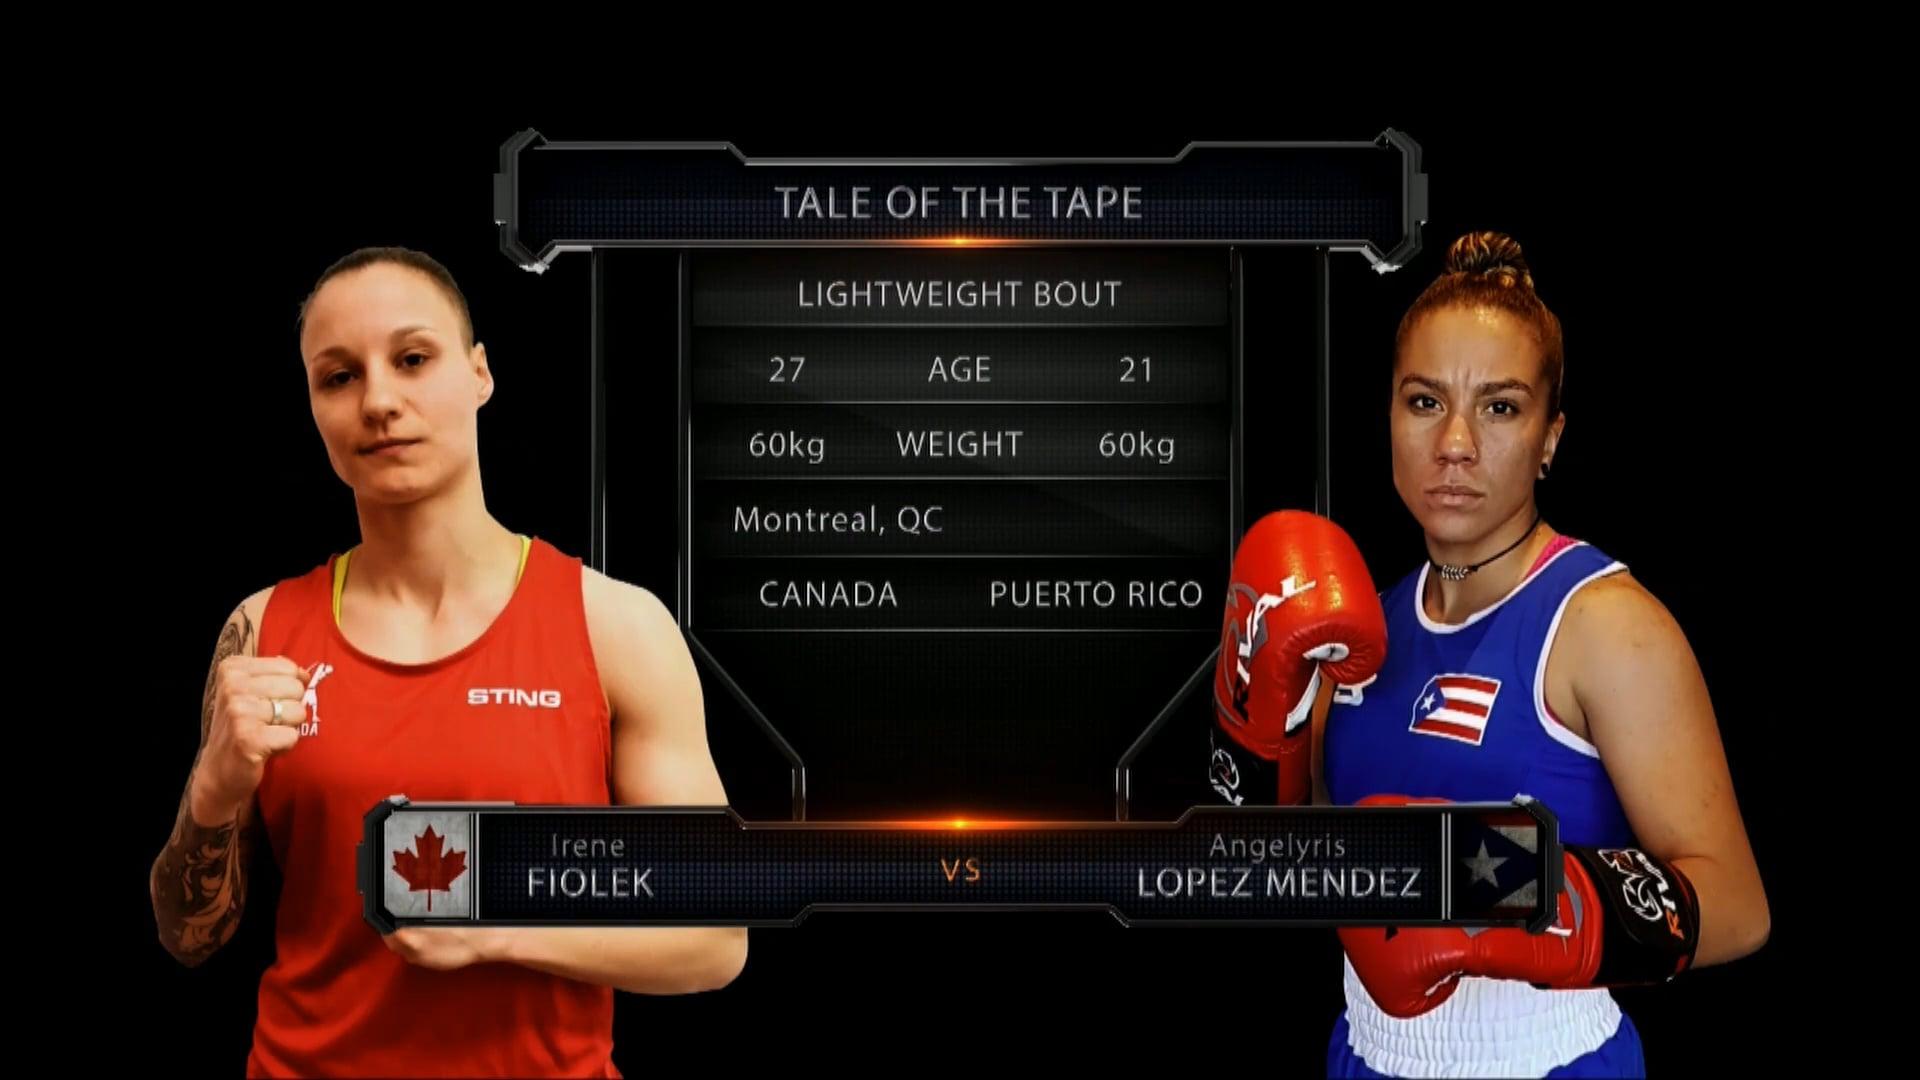 Fiolek (CAN) vs Lopez Mendez (PR)